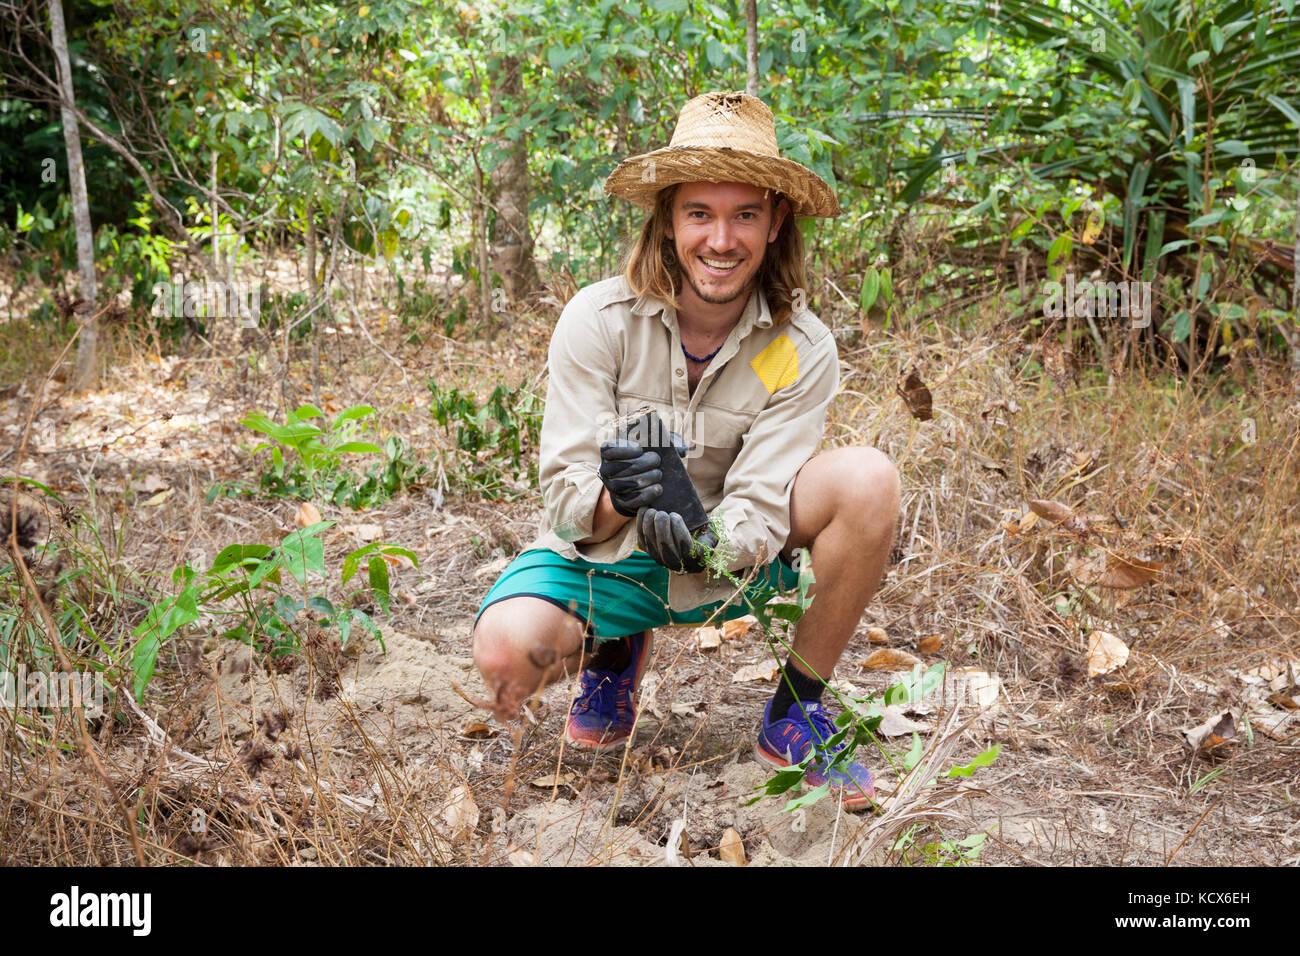 Rainforest revegetation. Rainforest Trust Australia & BeardsOn Tree Planting Day (2). Planting trees. 2017. - Stock Image